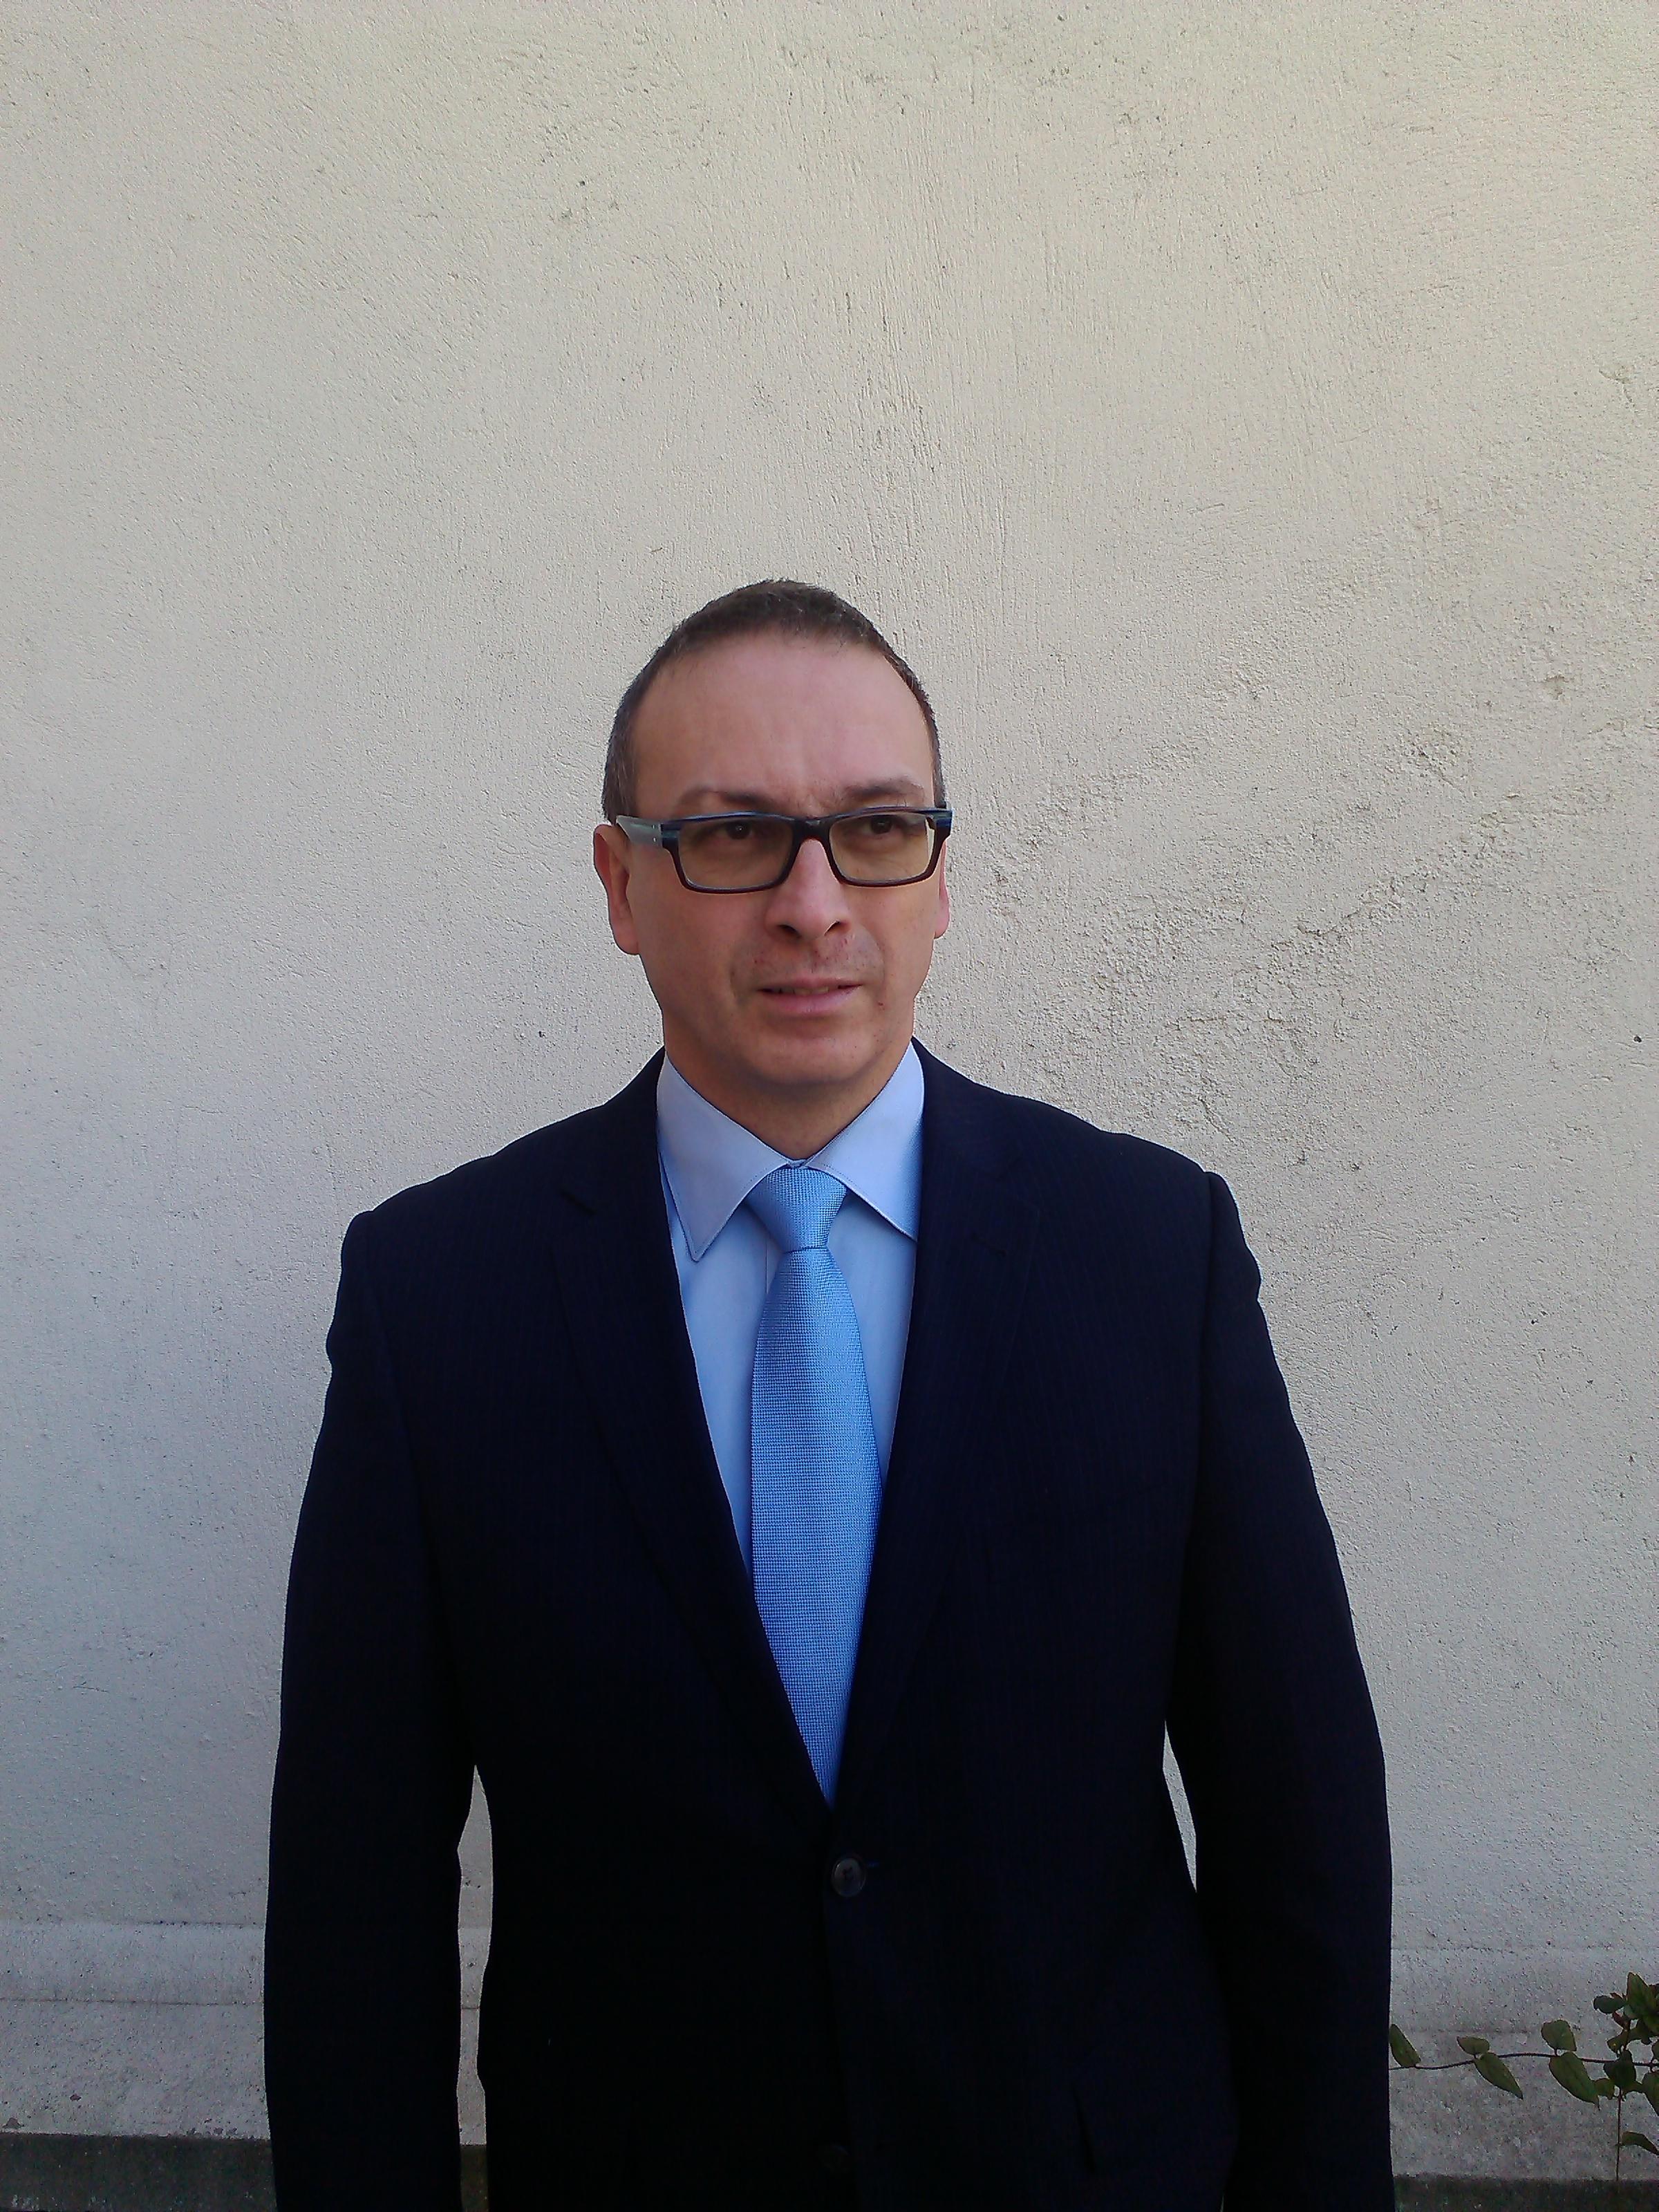 Jean-Pierre Lamoine